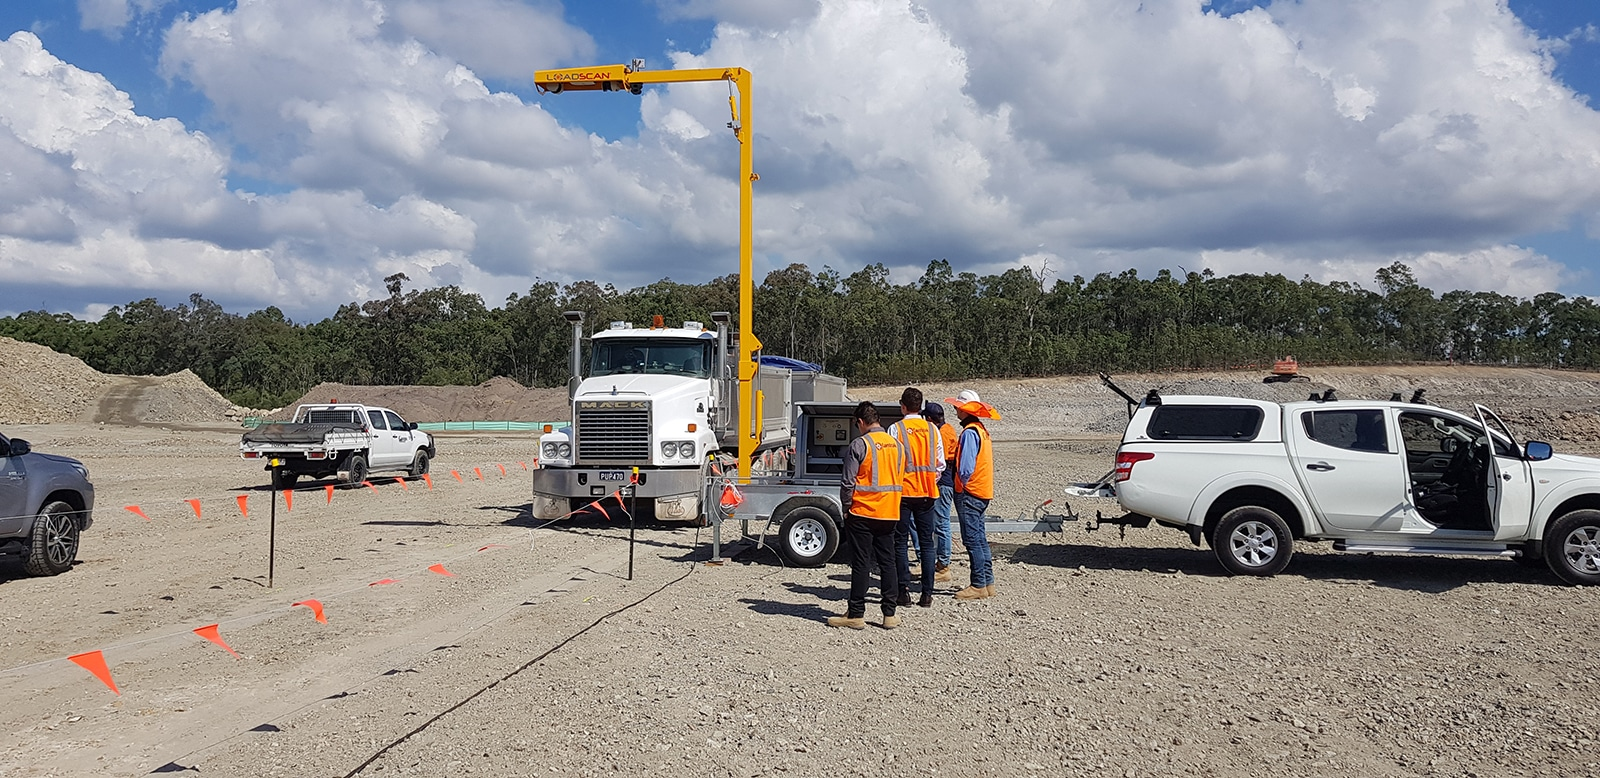 Coops truck under volume scanner Australia